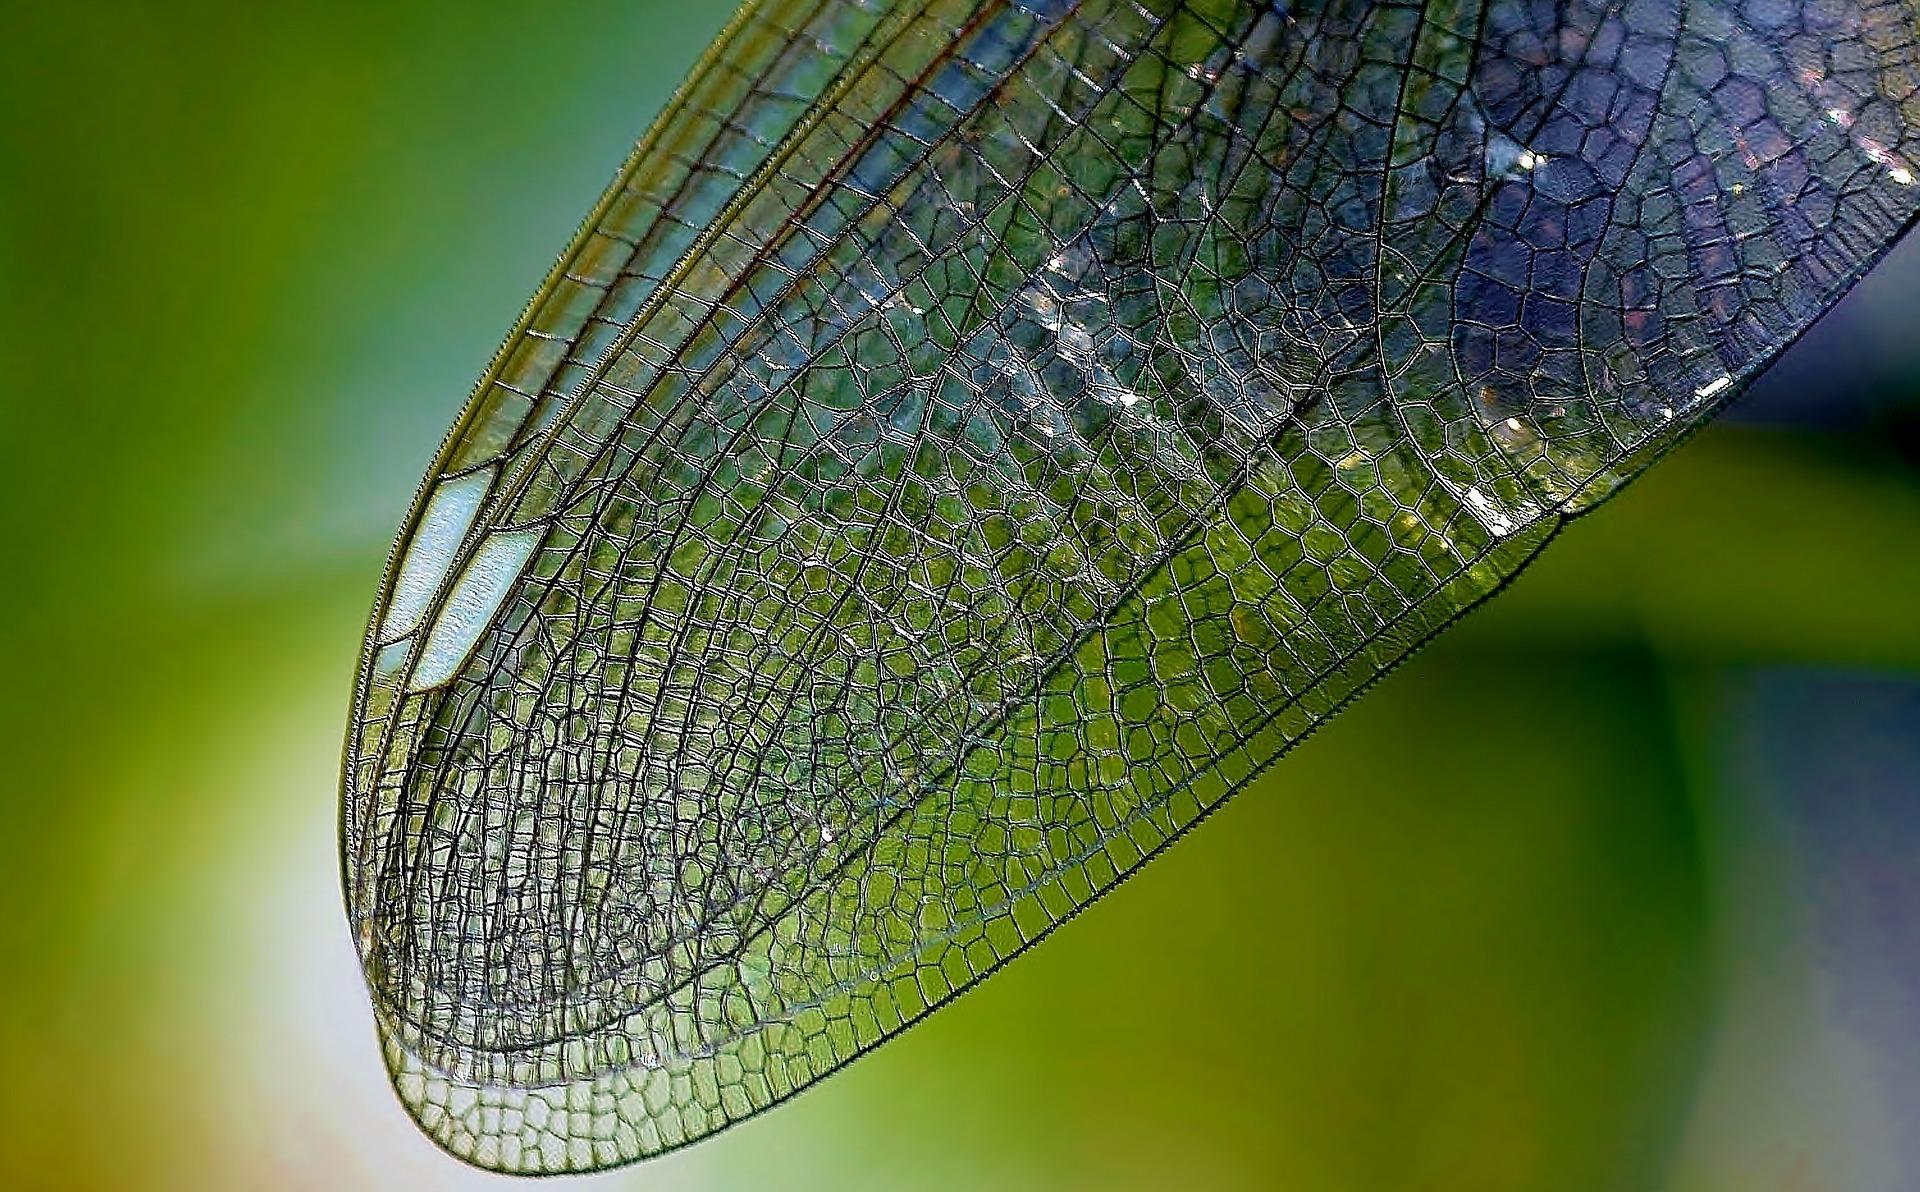 Las Texturas en Fotografía y Cómo Sacarles Jugo